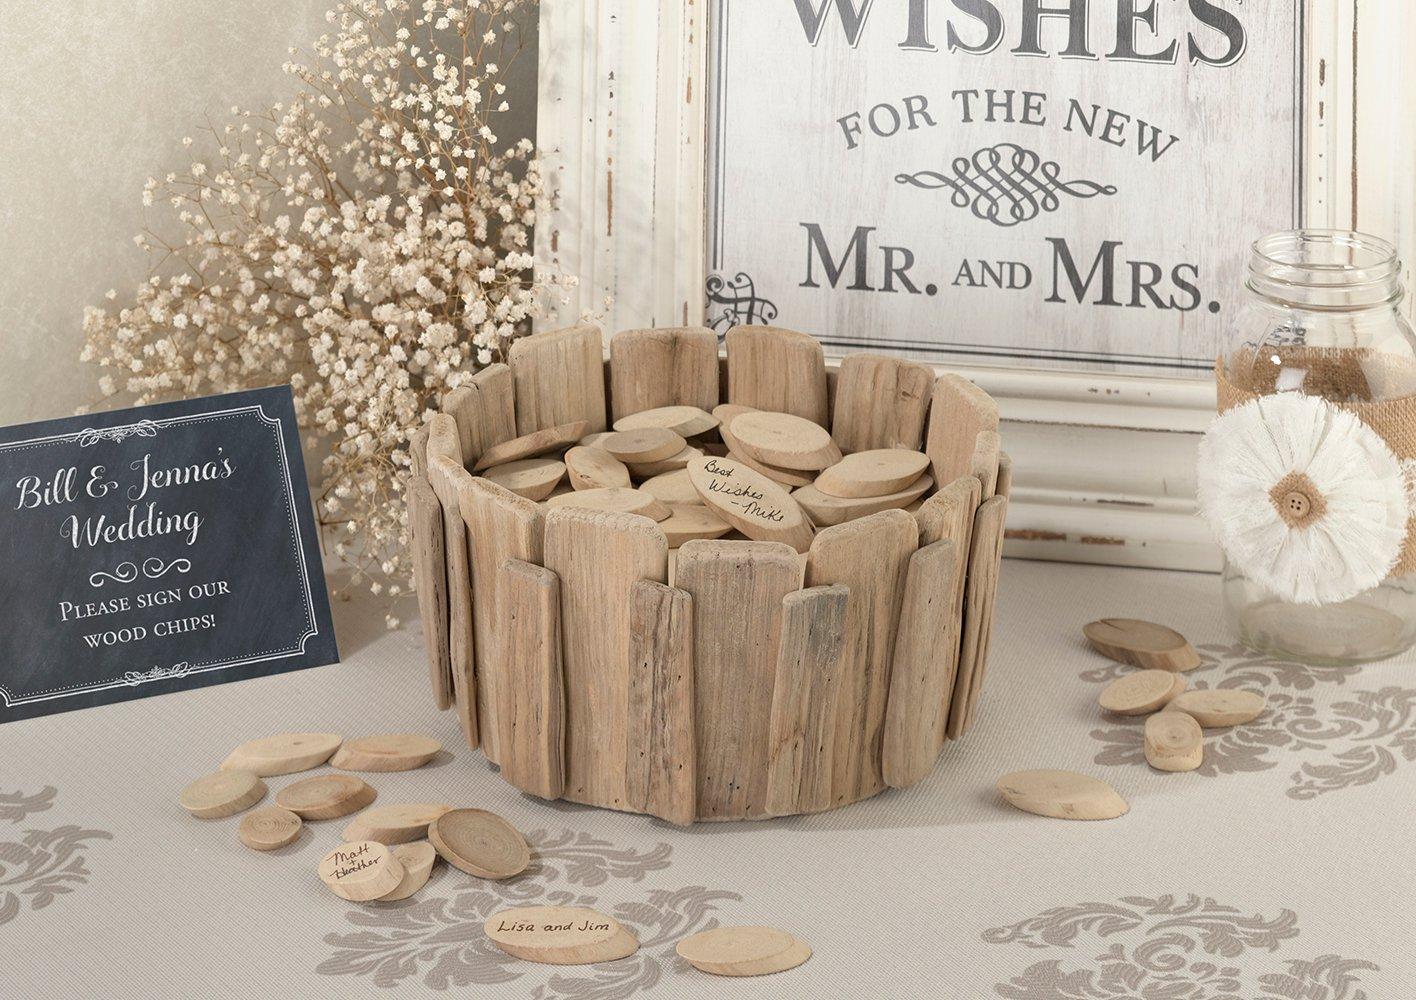 Wood Basket For Signing Chips